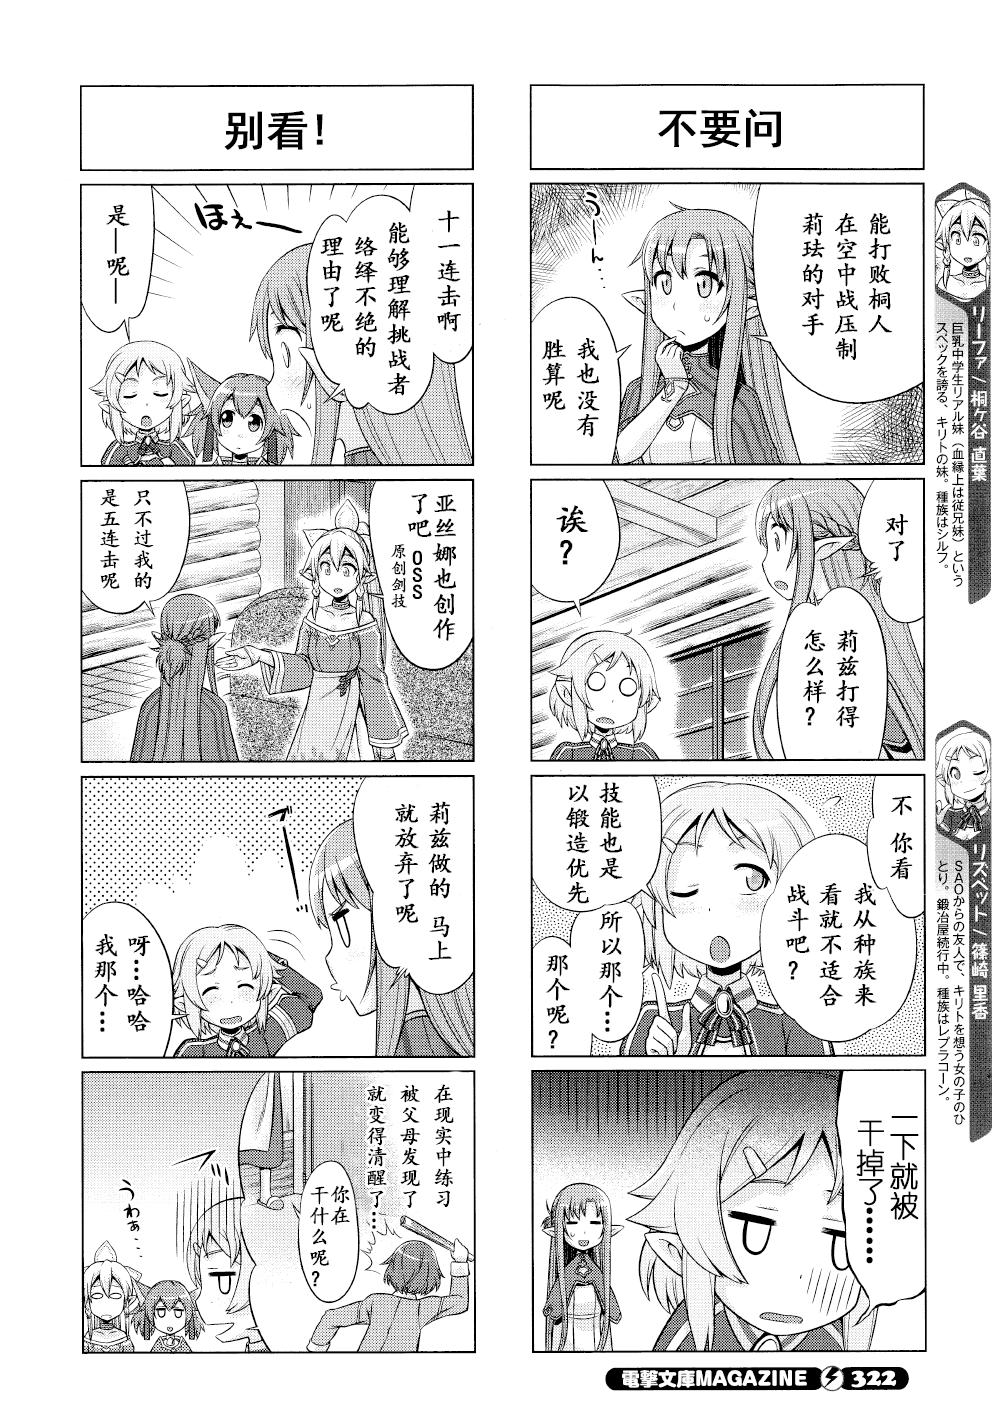 【漫画】《小刀剑神域》(三十三)